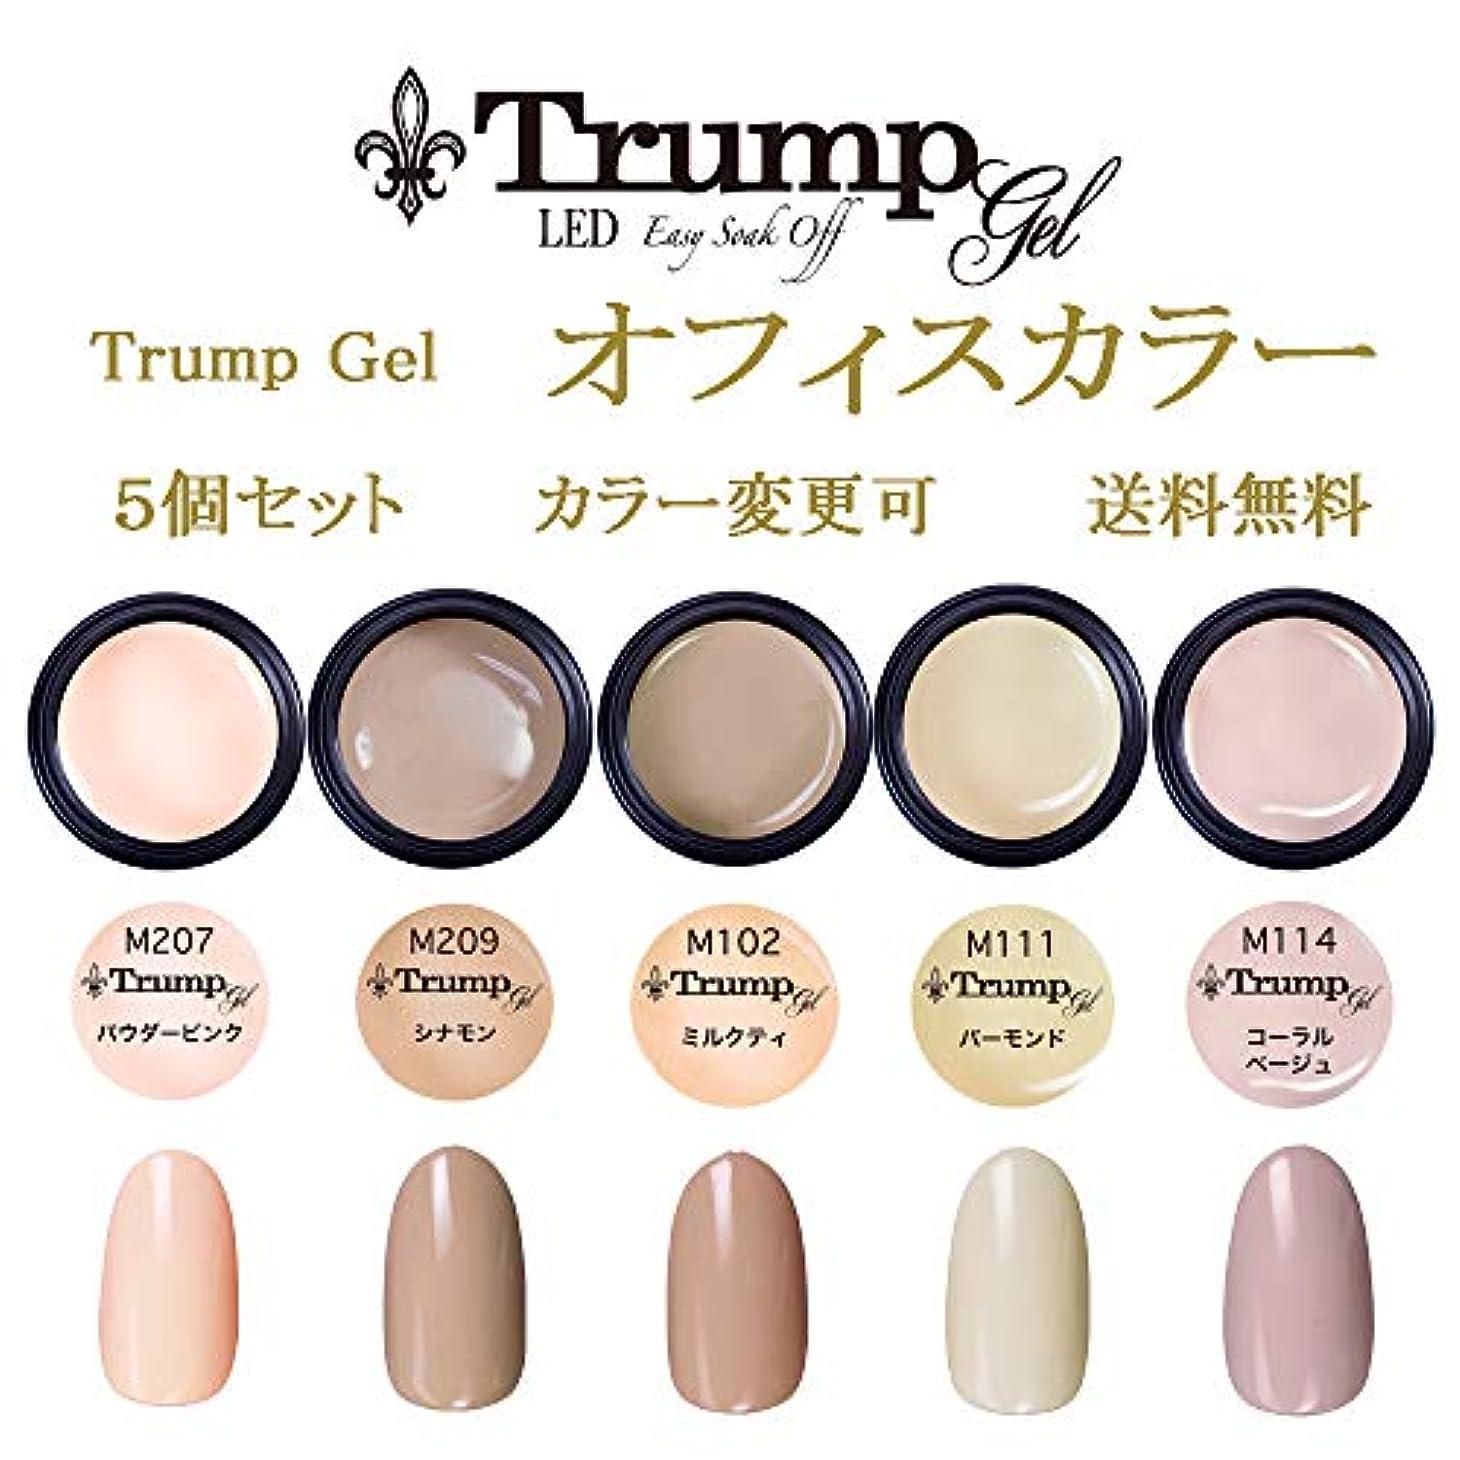 バングラデシュパーフェルビッド誕生日日本製 Trump gel トランプジェル オフィスカラー 選べる カラージェル 5個セット ベージュ ブラウン ピンク ホワイト ビジネス カジュアル オフィス